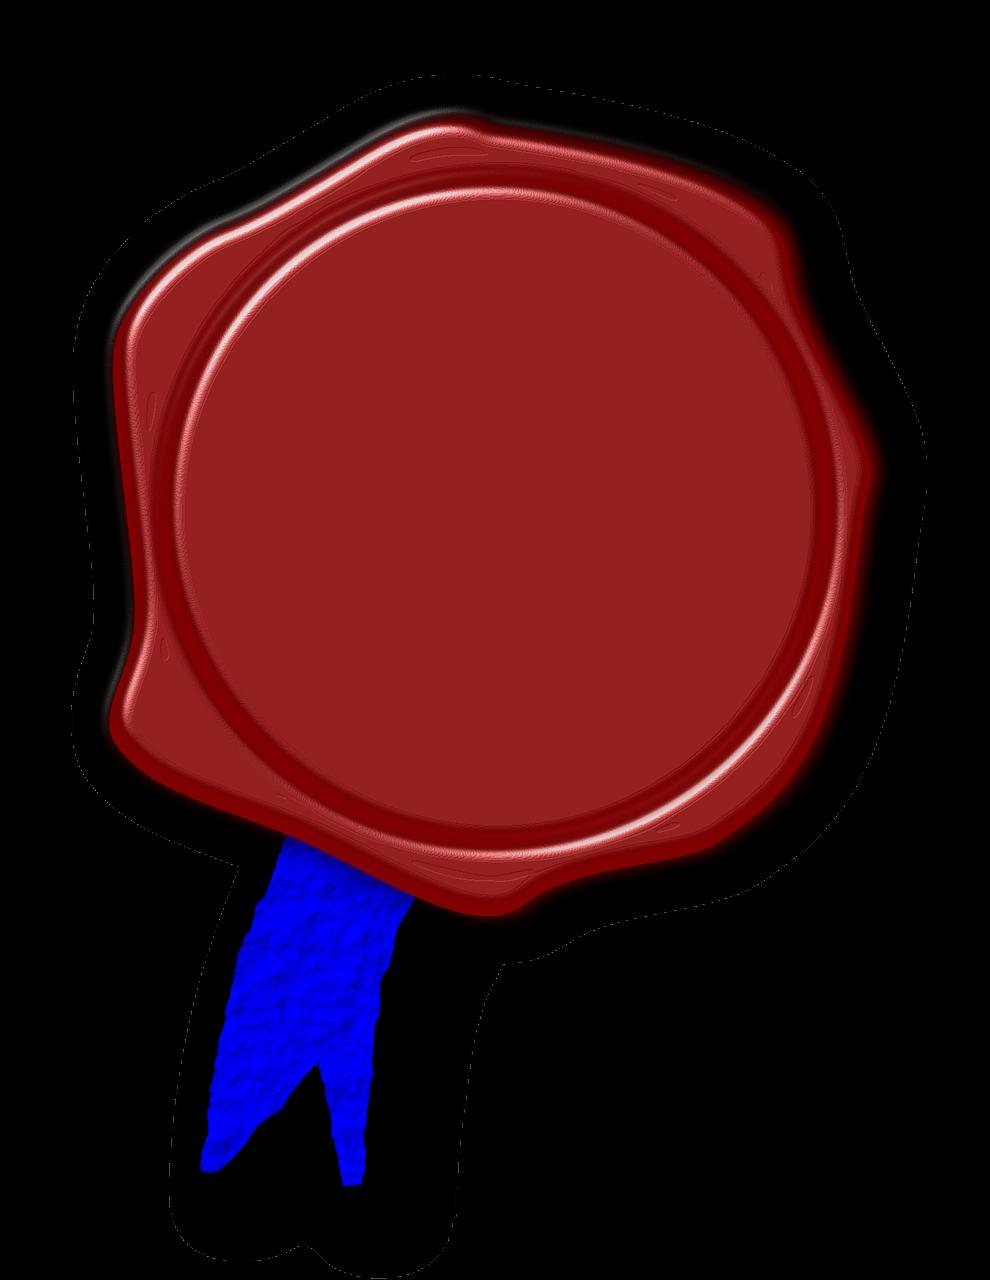 seal, ancient, badge